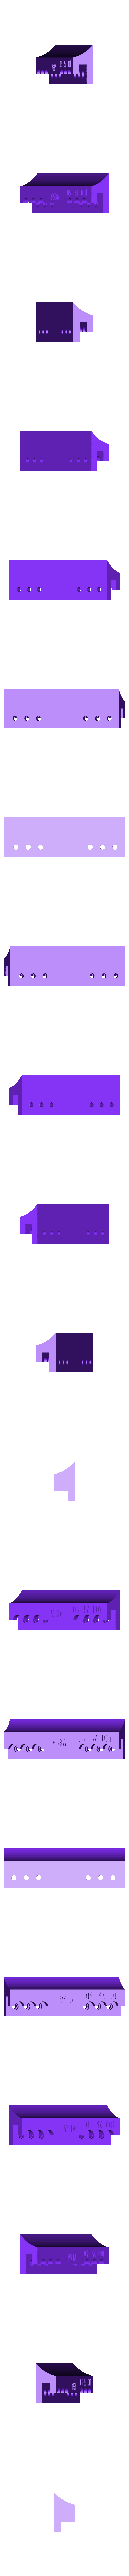 Supporto_vesa_tv.stl Télécharger fichier STL gratuit Sopperto VESA par moniteur ou télévision • Design pour imprimante 3D, Scigola